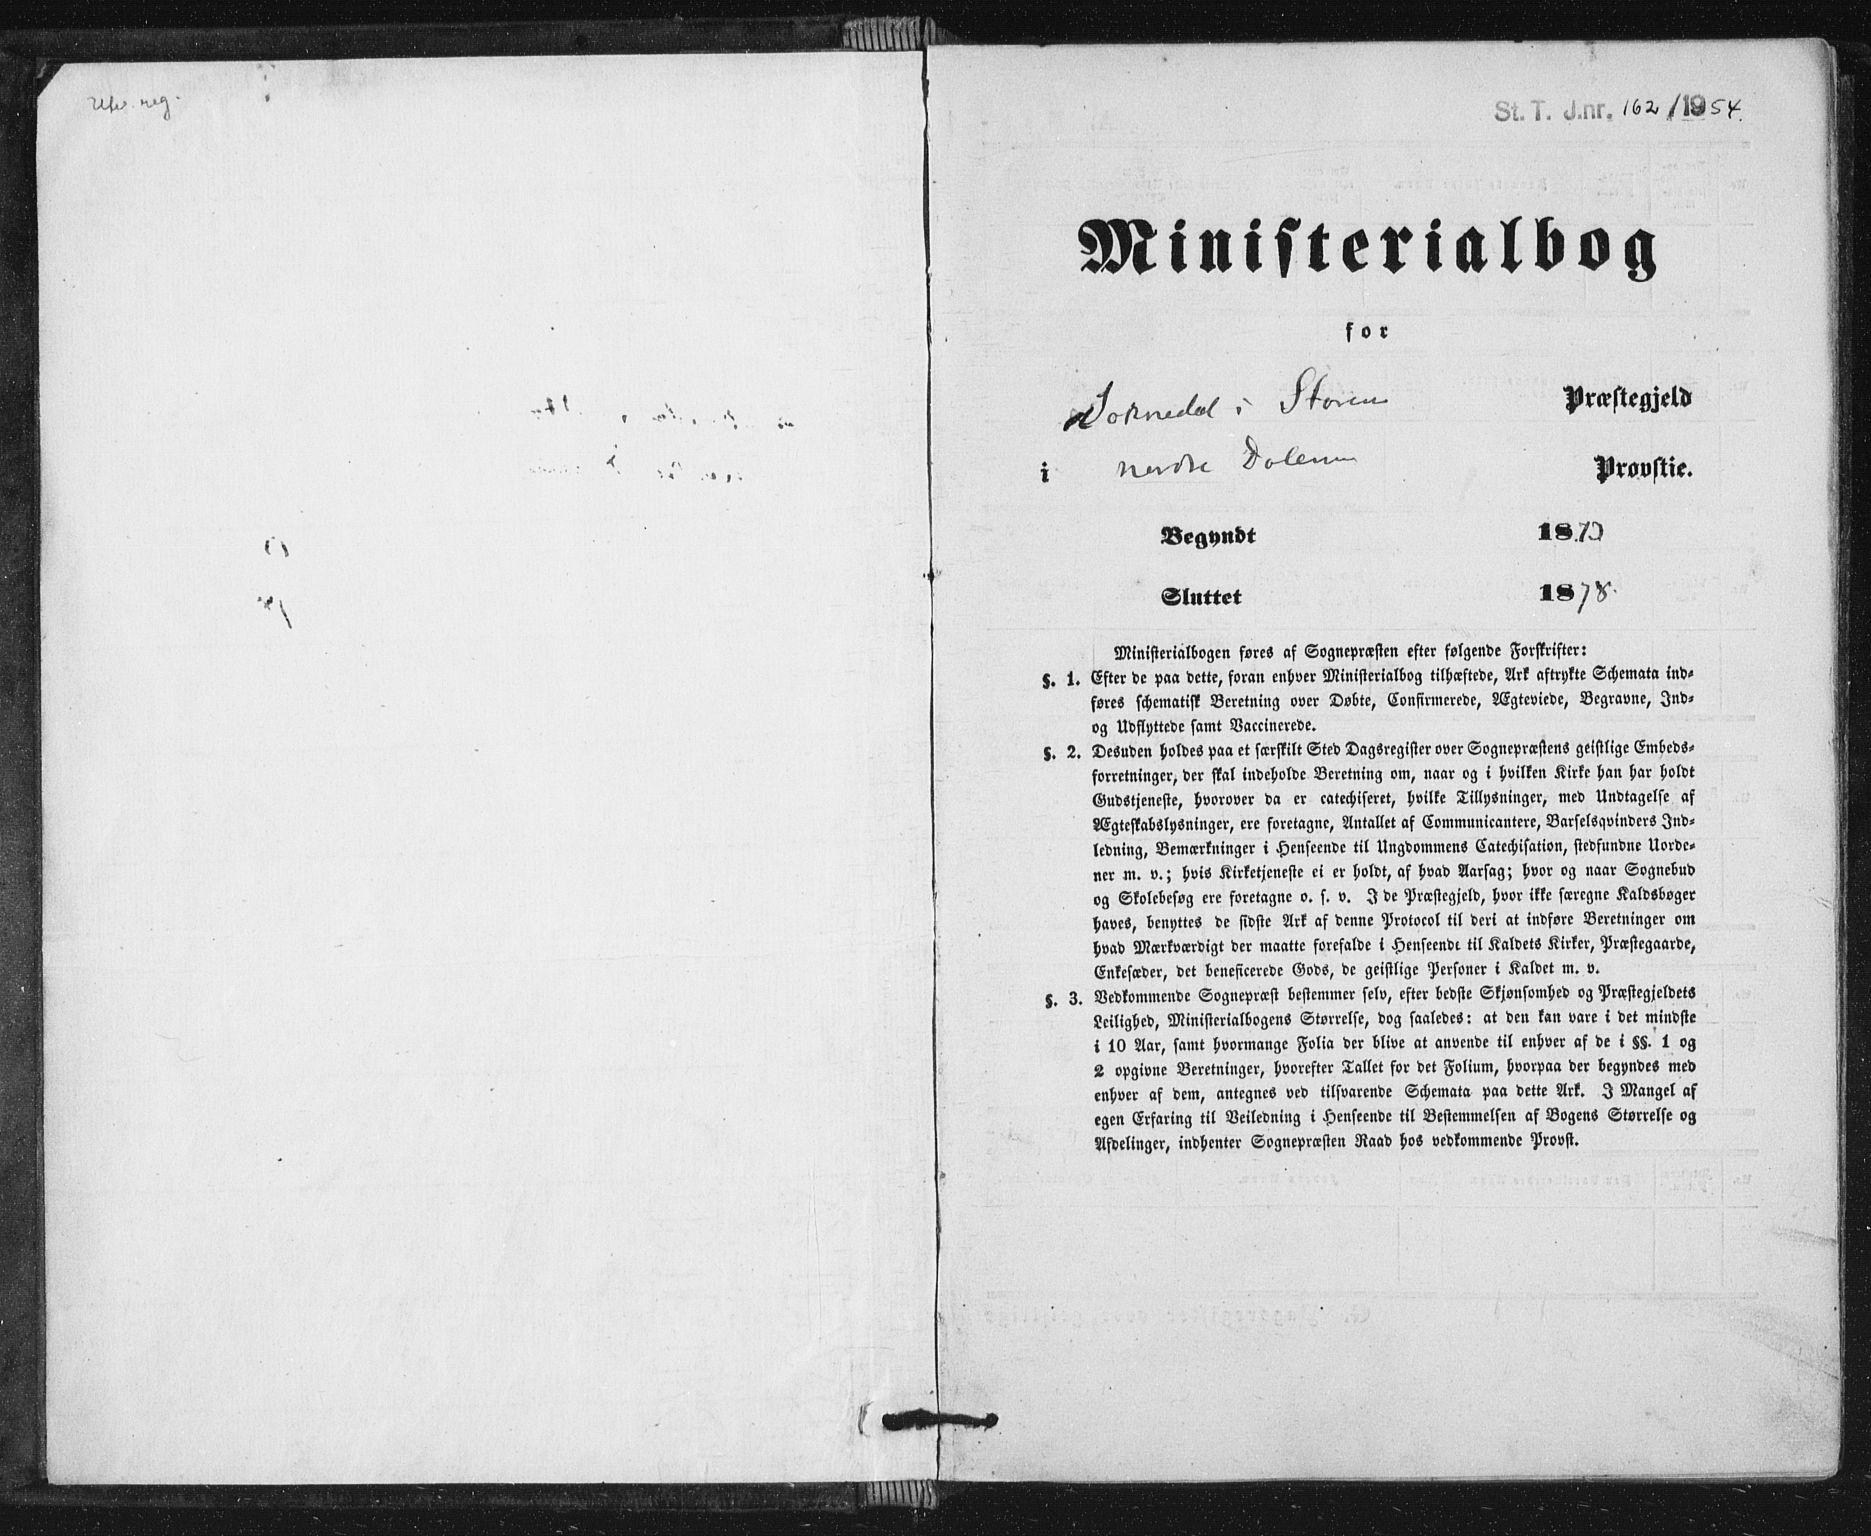 SAT, Ministerialprotokoller, klokkerbøker og fødselsregistre - Sør-Trøndelag, 689/L1039: Parish register (official) no. 689A04, 1865-1878